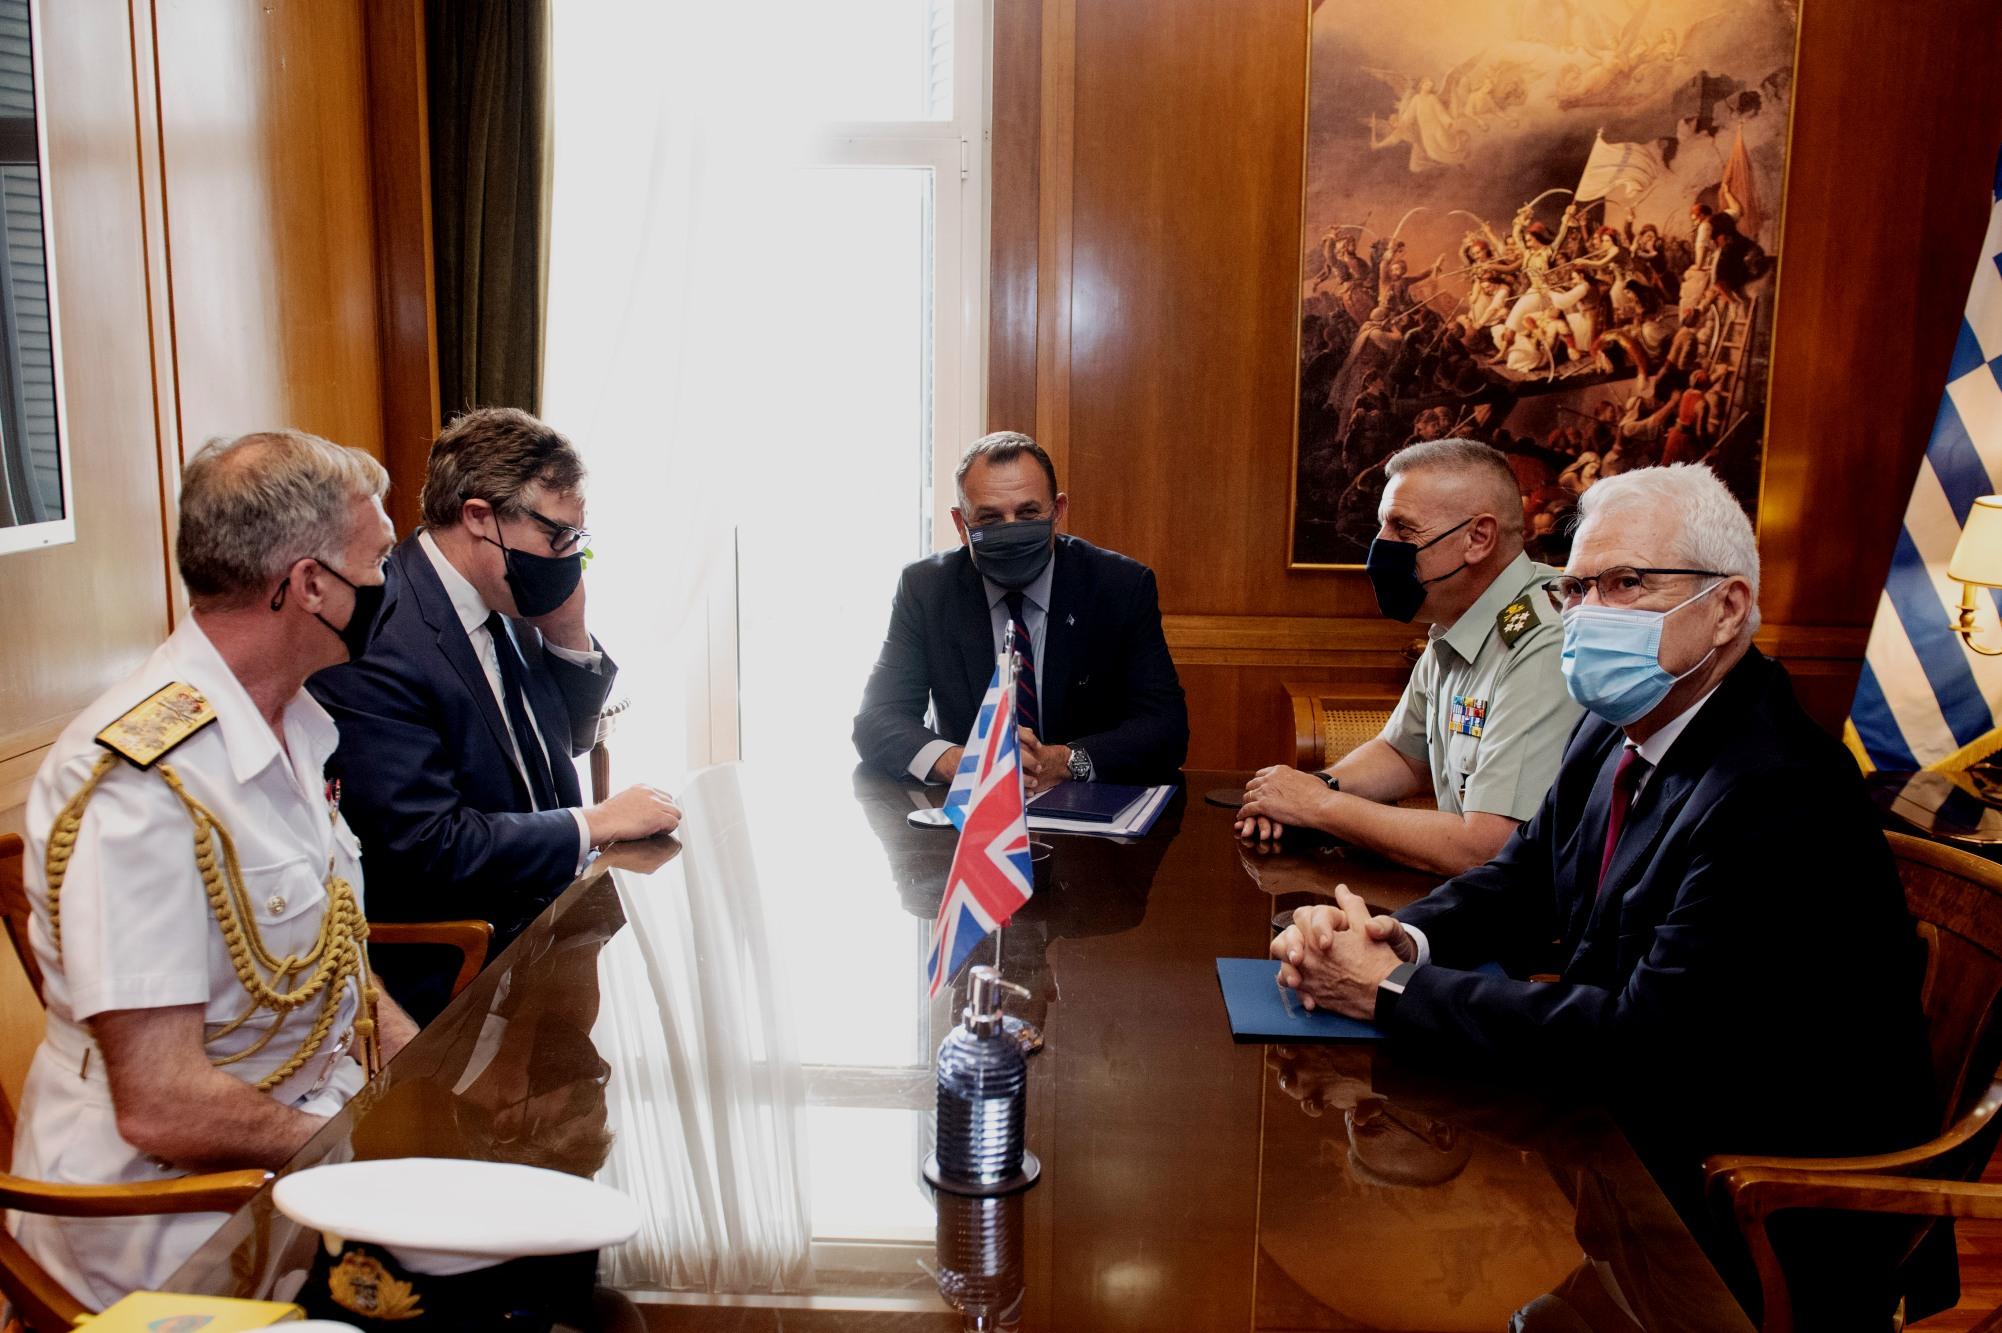 Φρεγάτες ΠΝ: Συνομιλίες Παναγιωτόπουλου με τους Βρετανούς αξιωματούχους